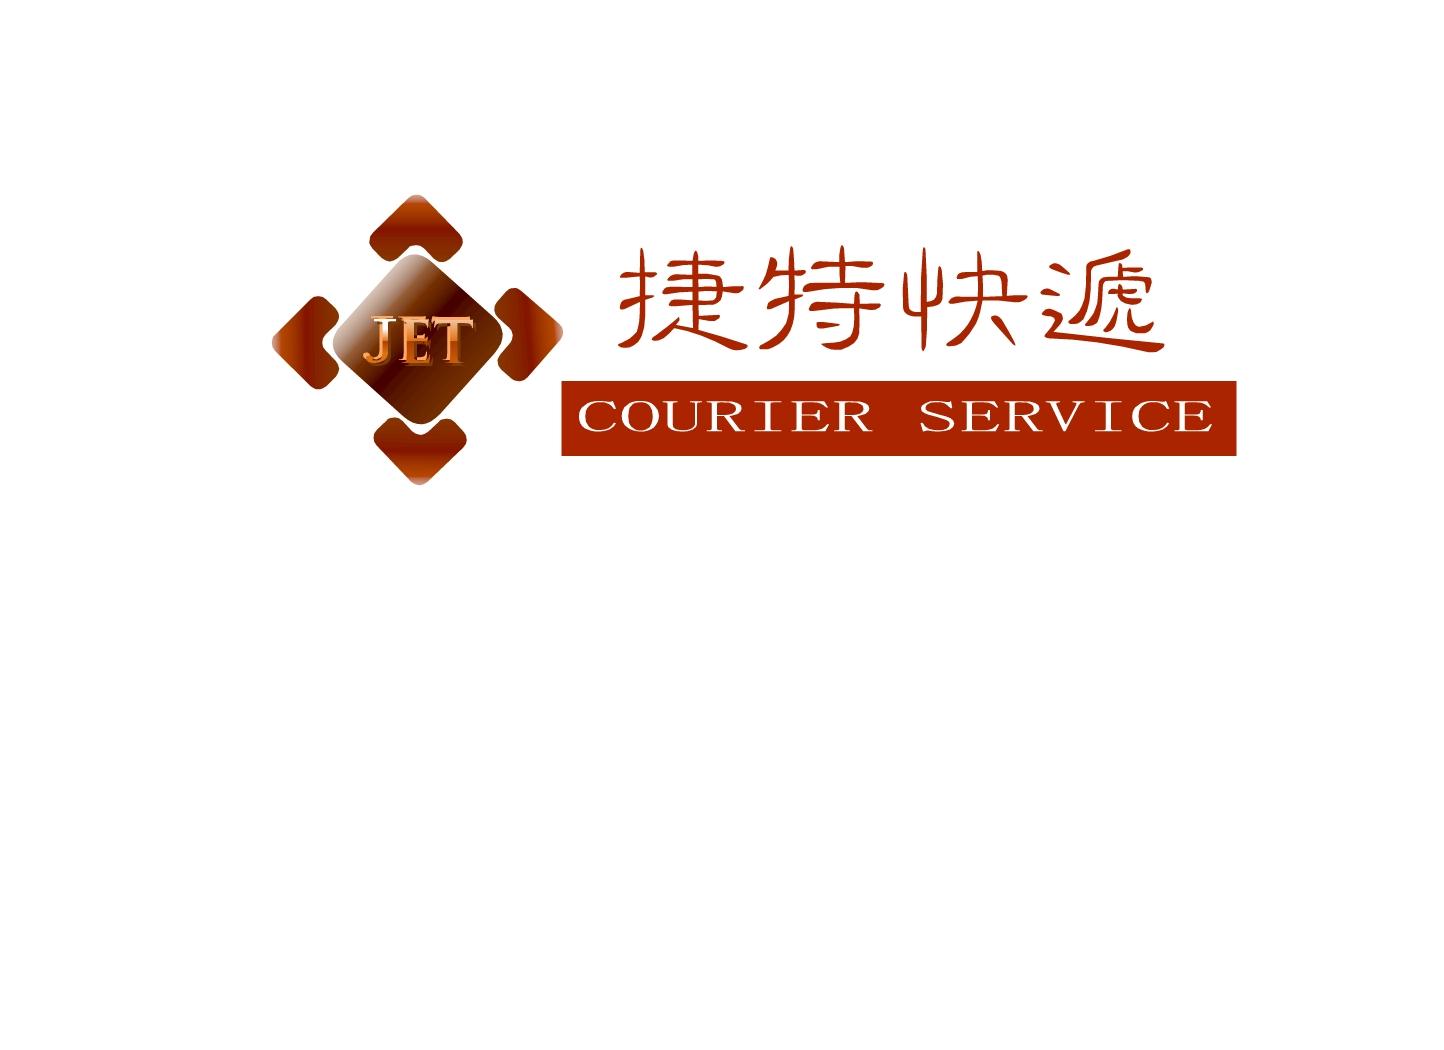 国际快递公司logo/vi设计